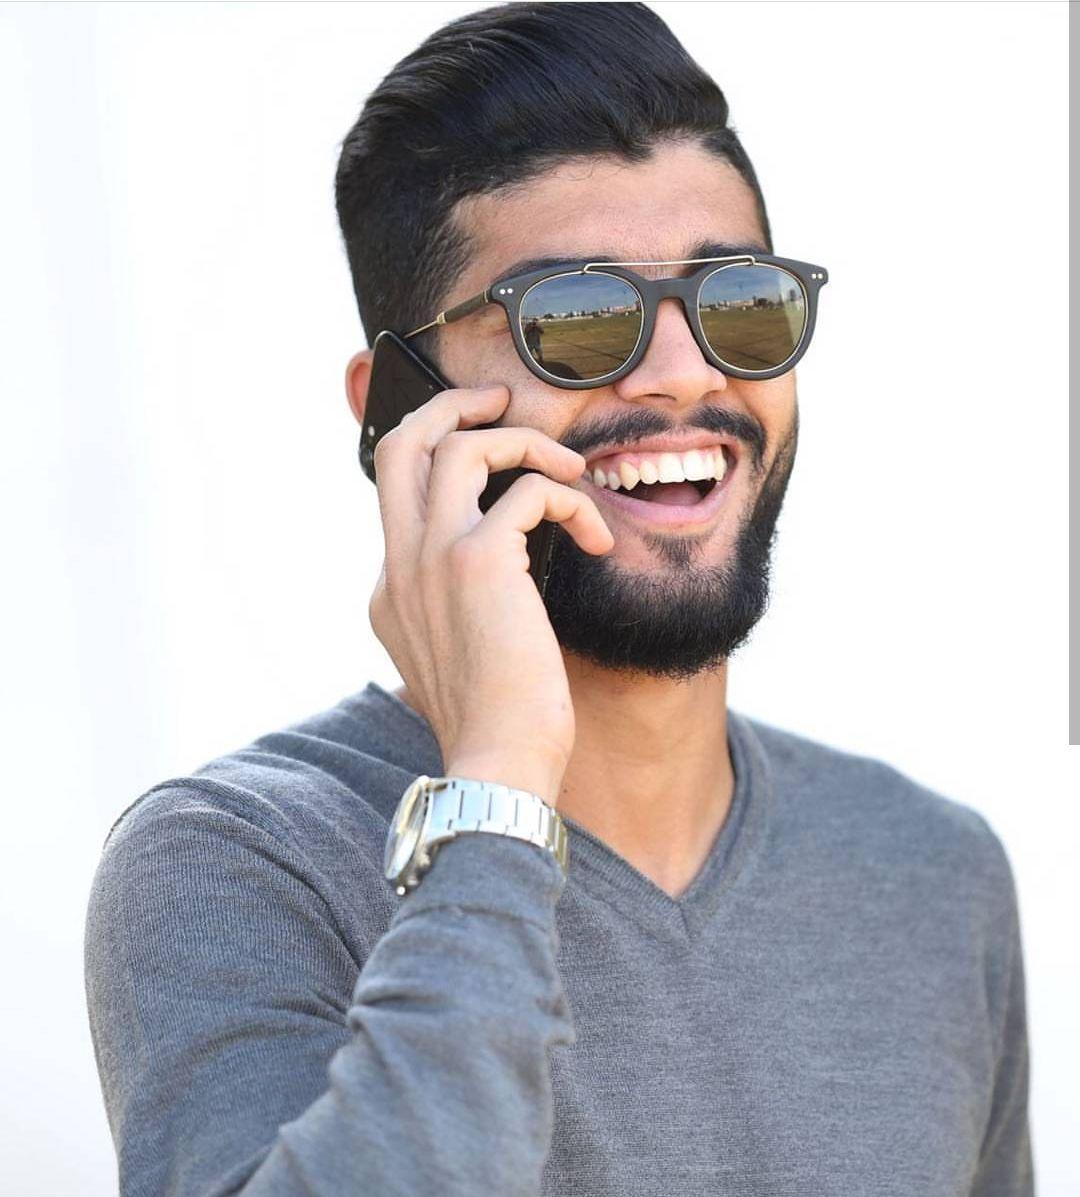 فرجانى ساسى يتحدث فى التليفون